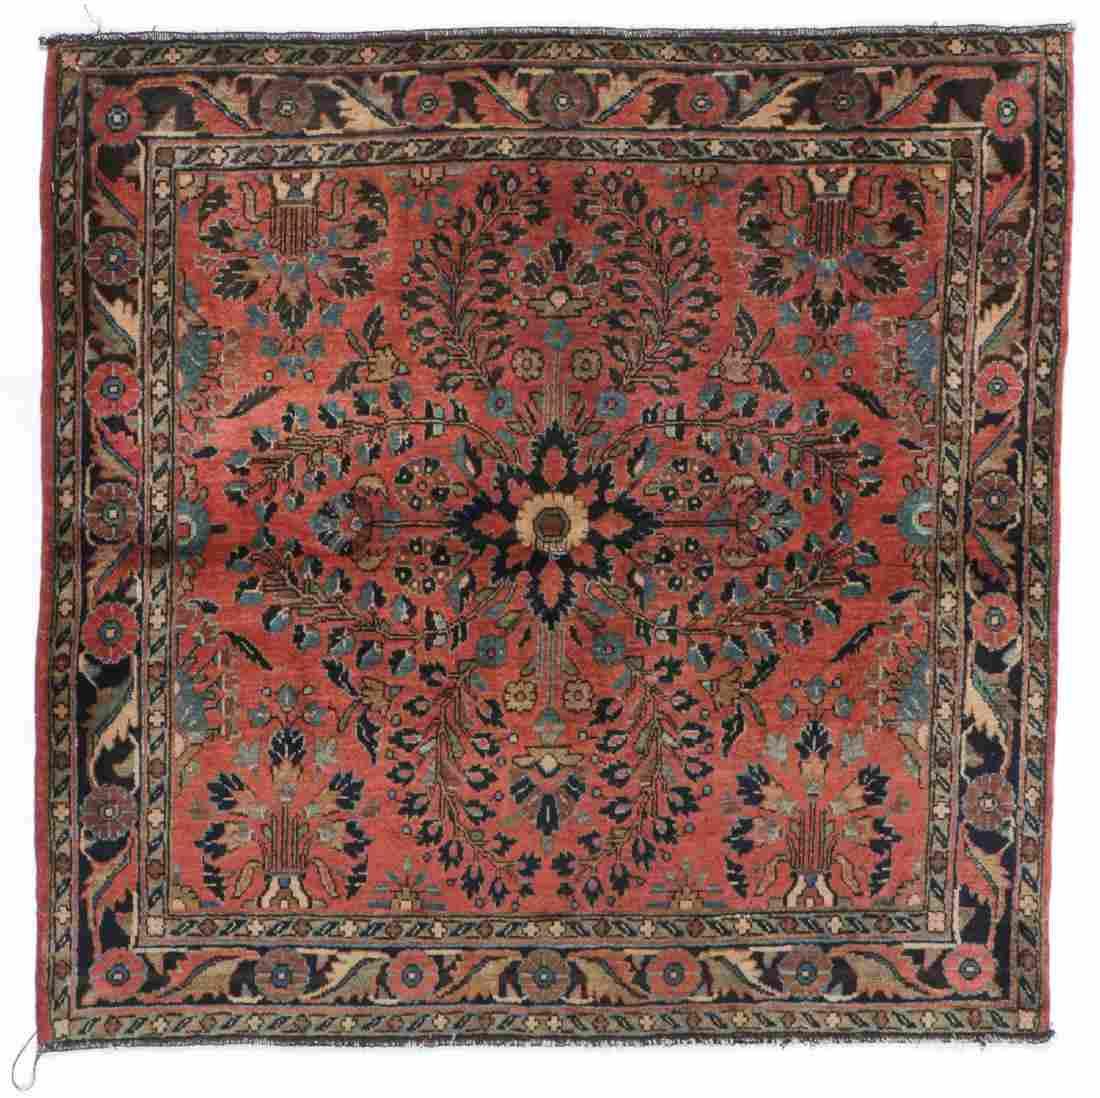 Antique Sarouk Rug, Persia: 3'4'' x 3'4''